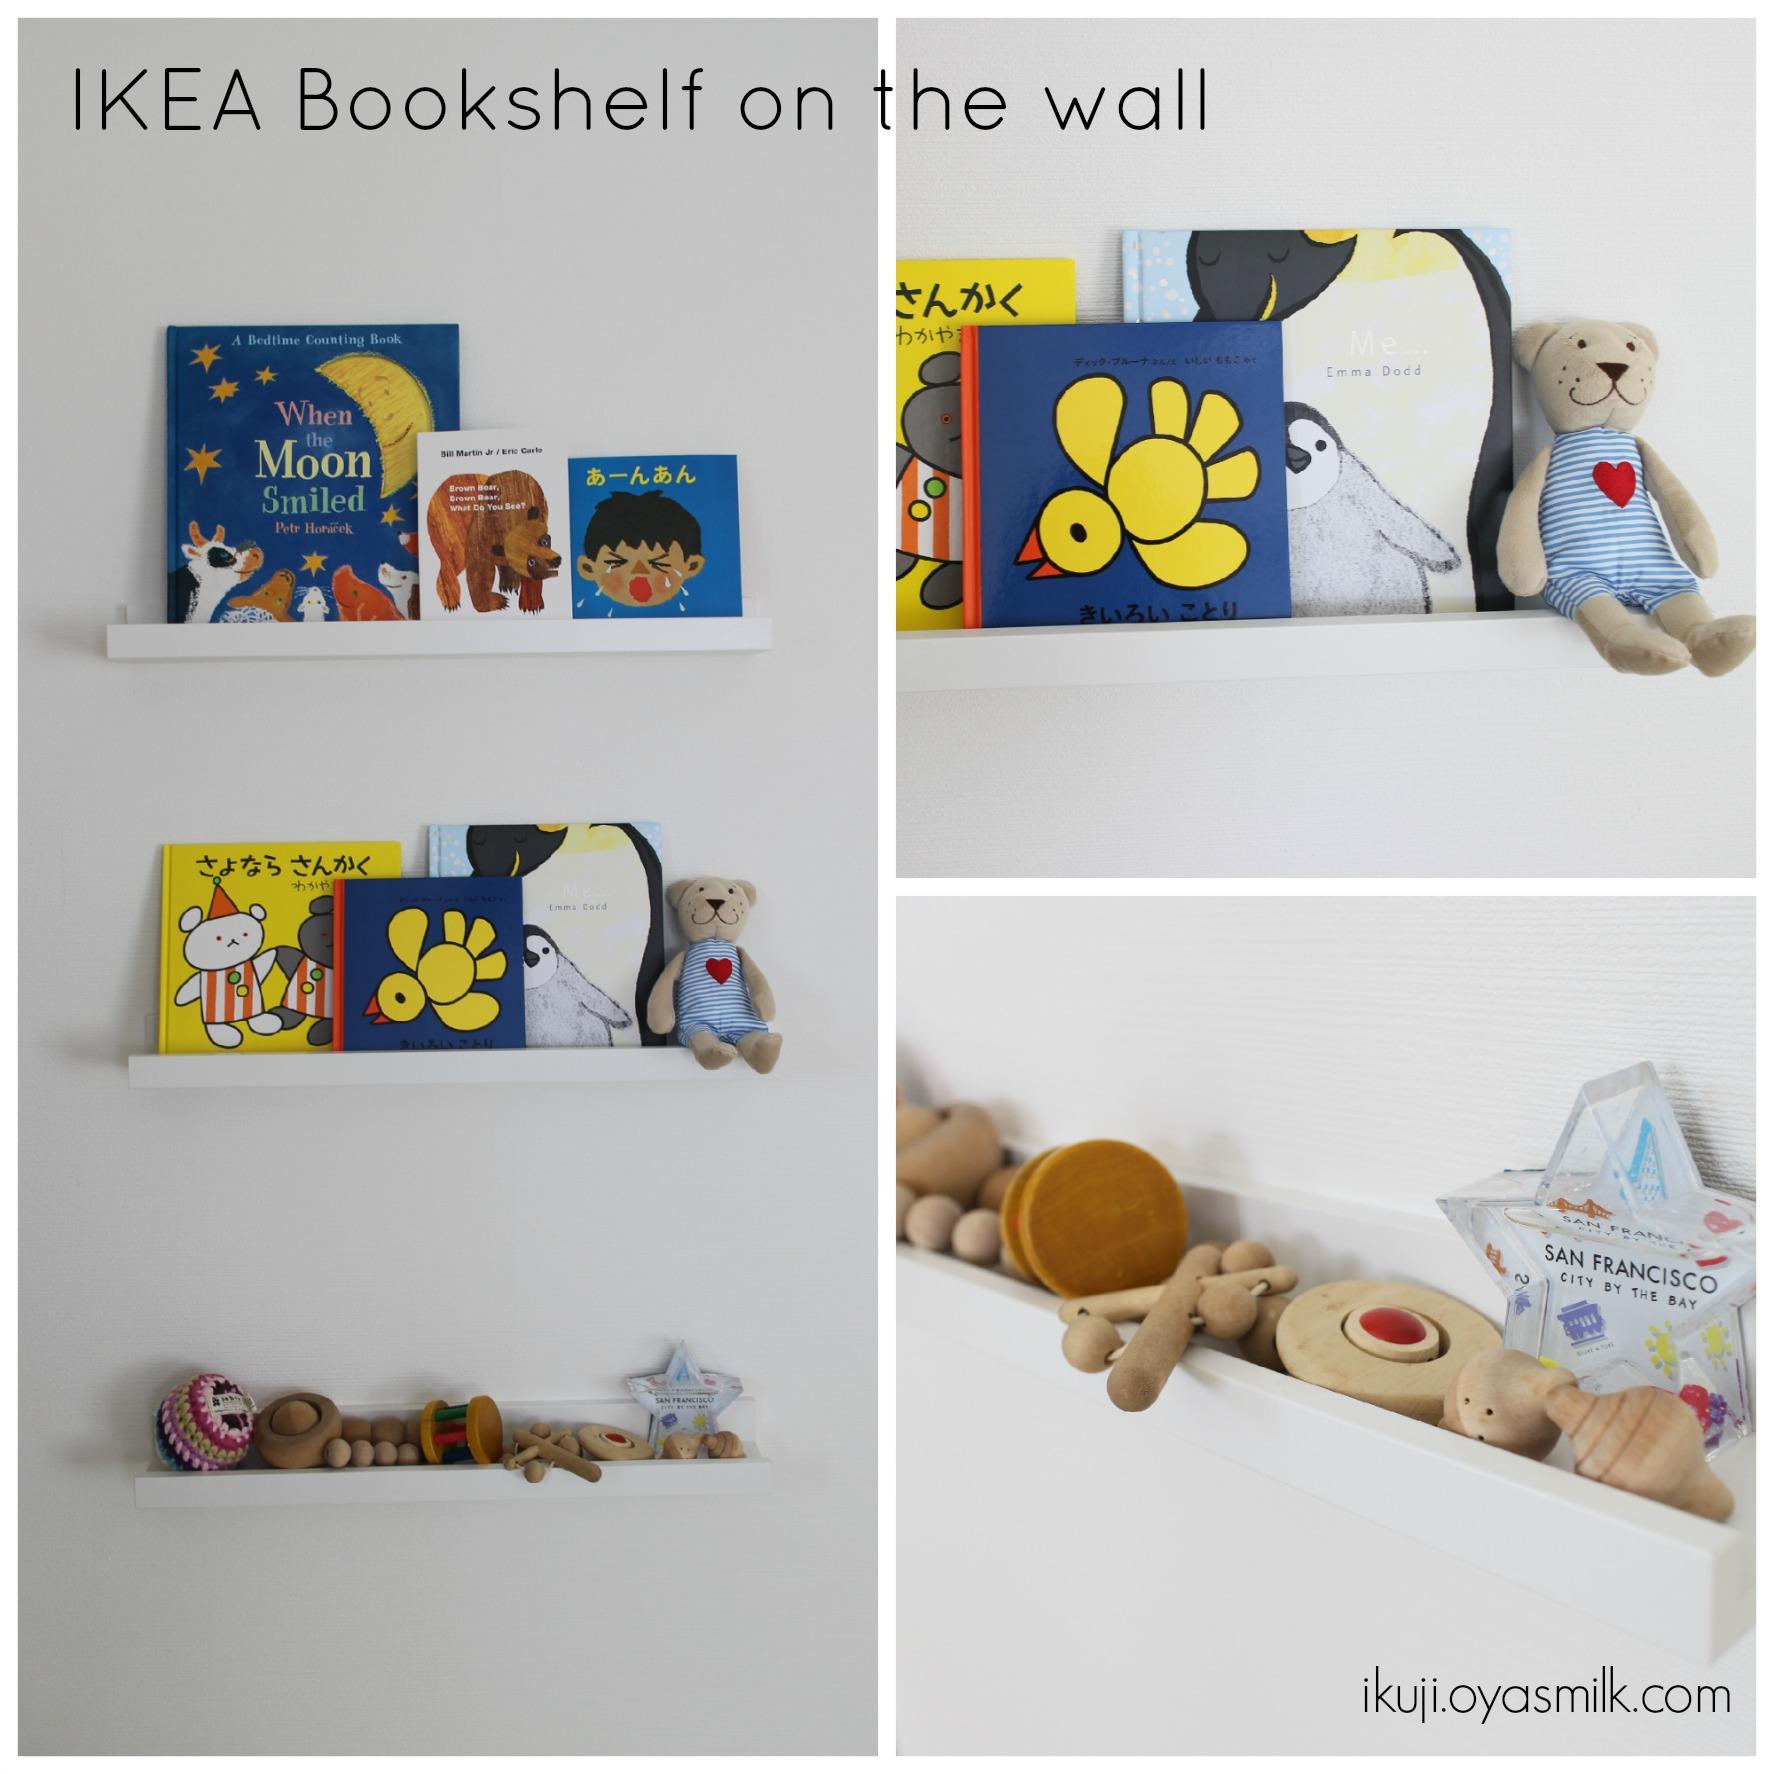 IKEAアイテムで壁を本棚にしてみた。